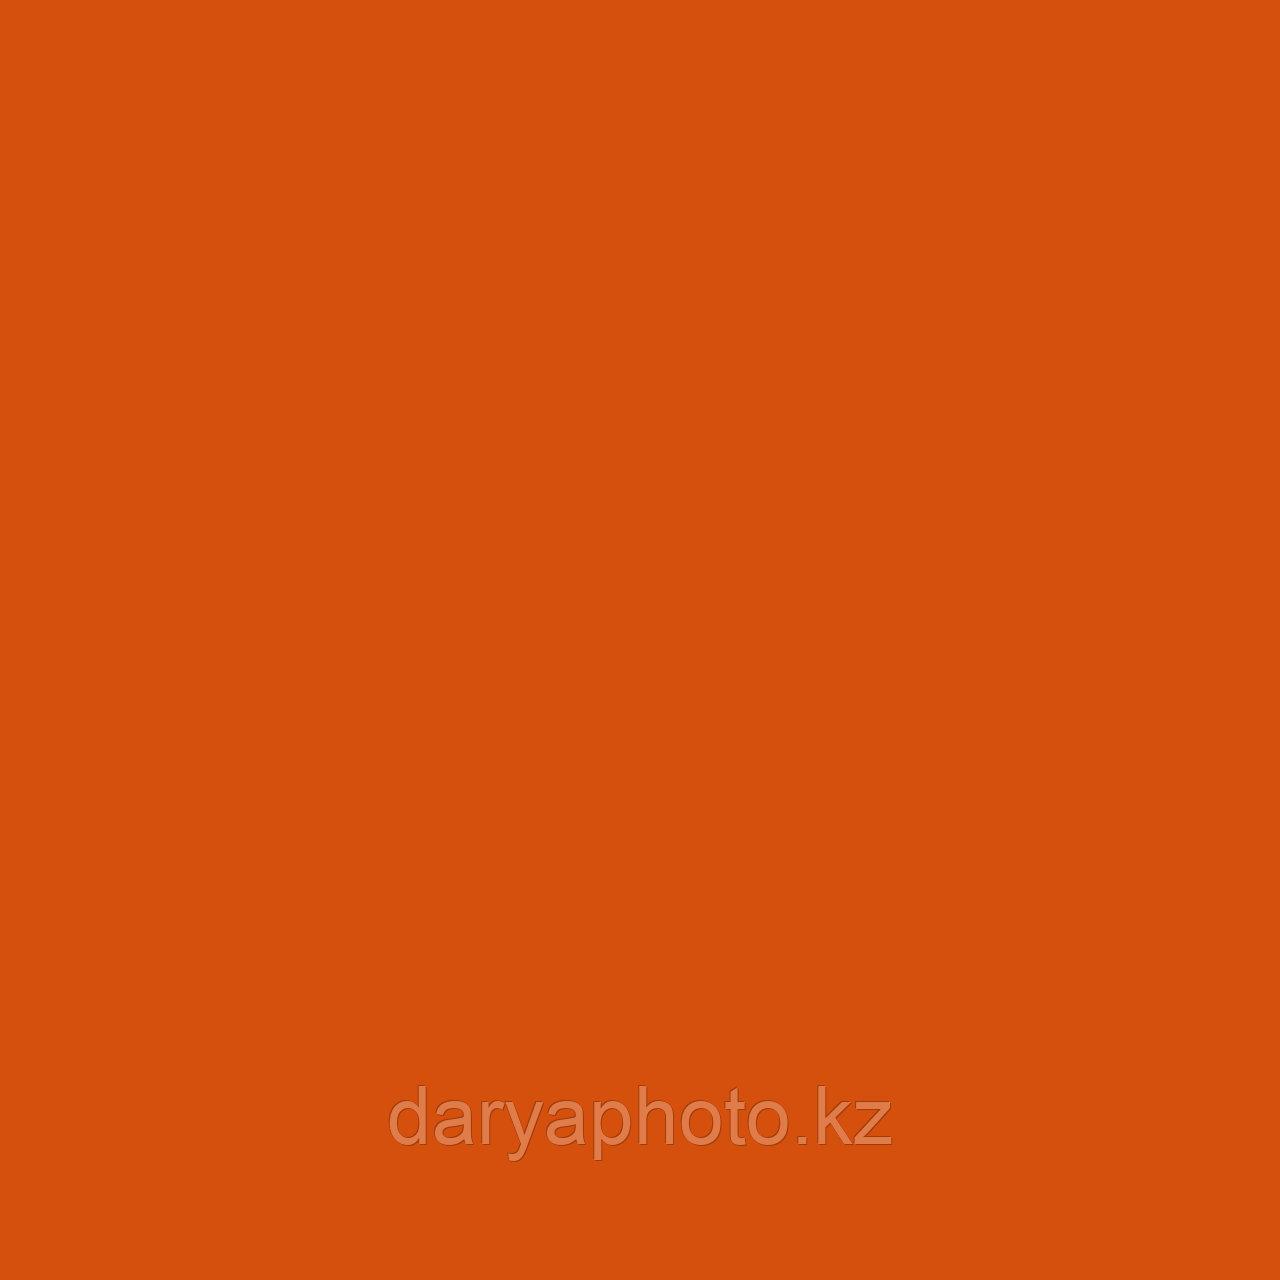 Оранжевый Фон бумажный. Фотофон. Фон для фотостудии